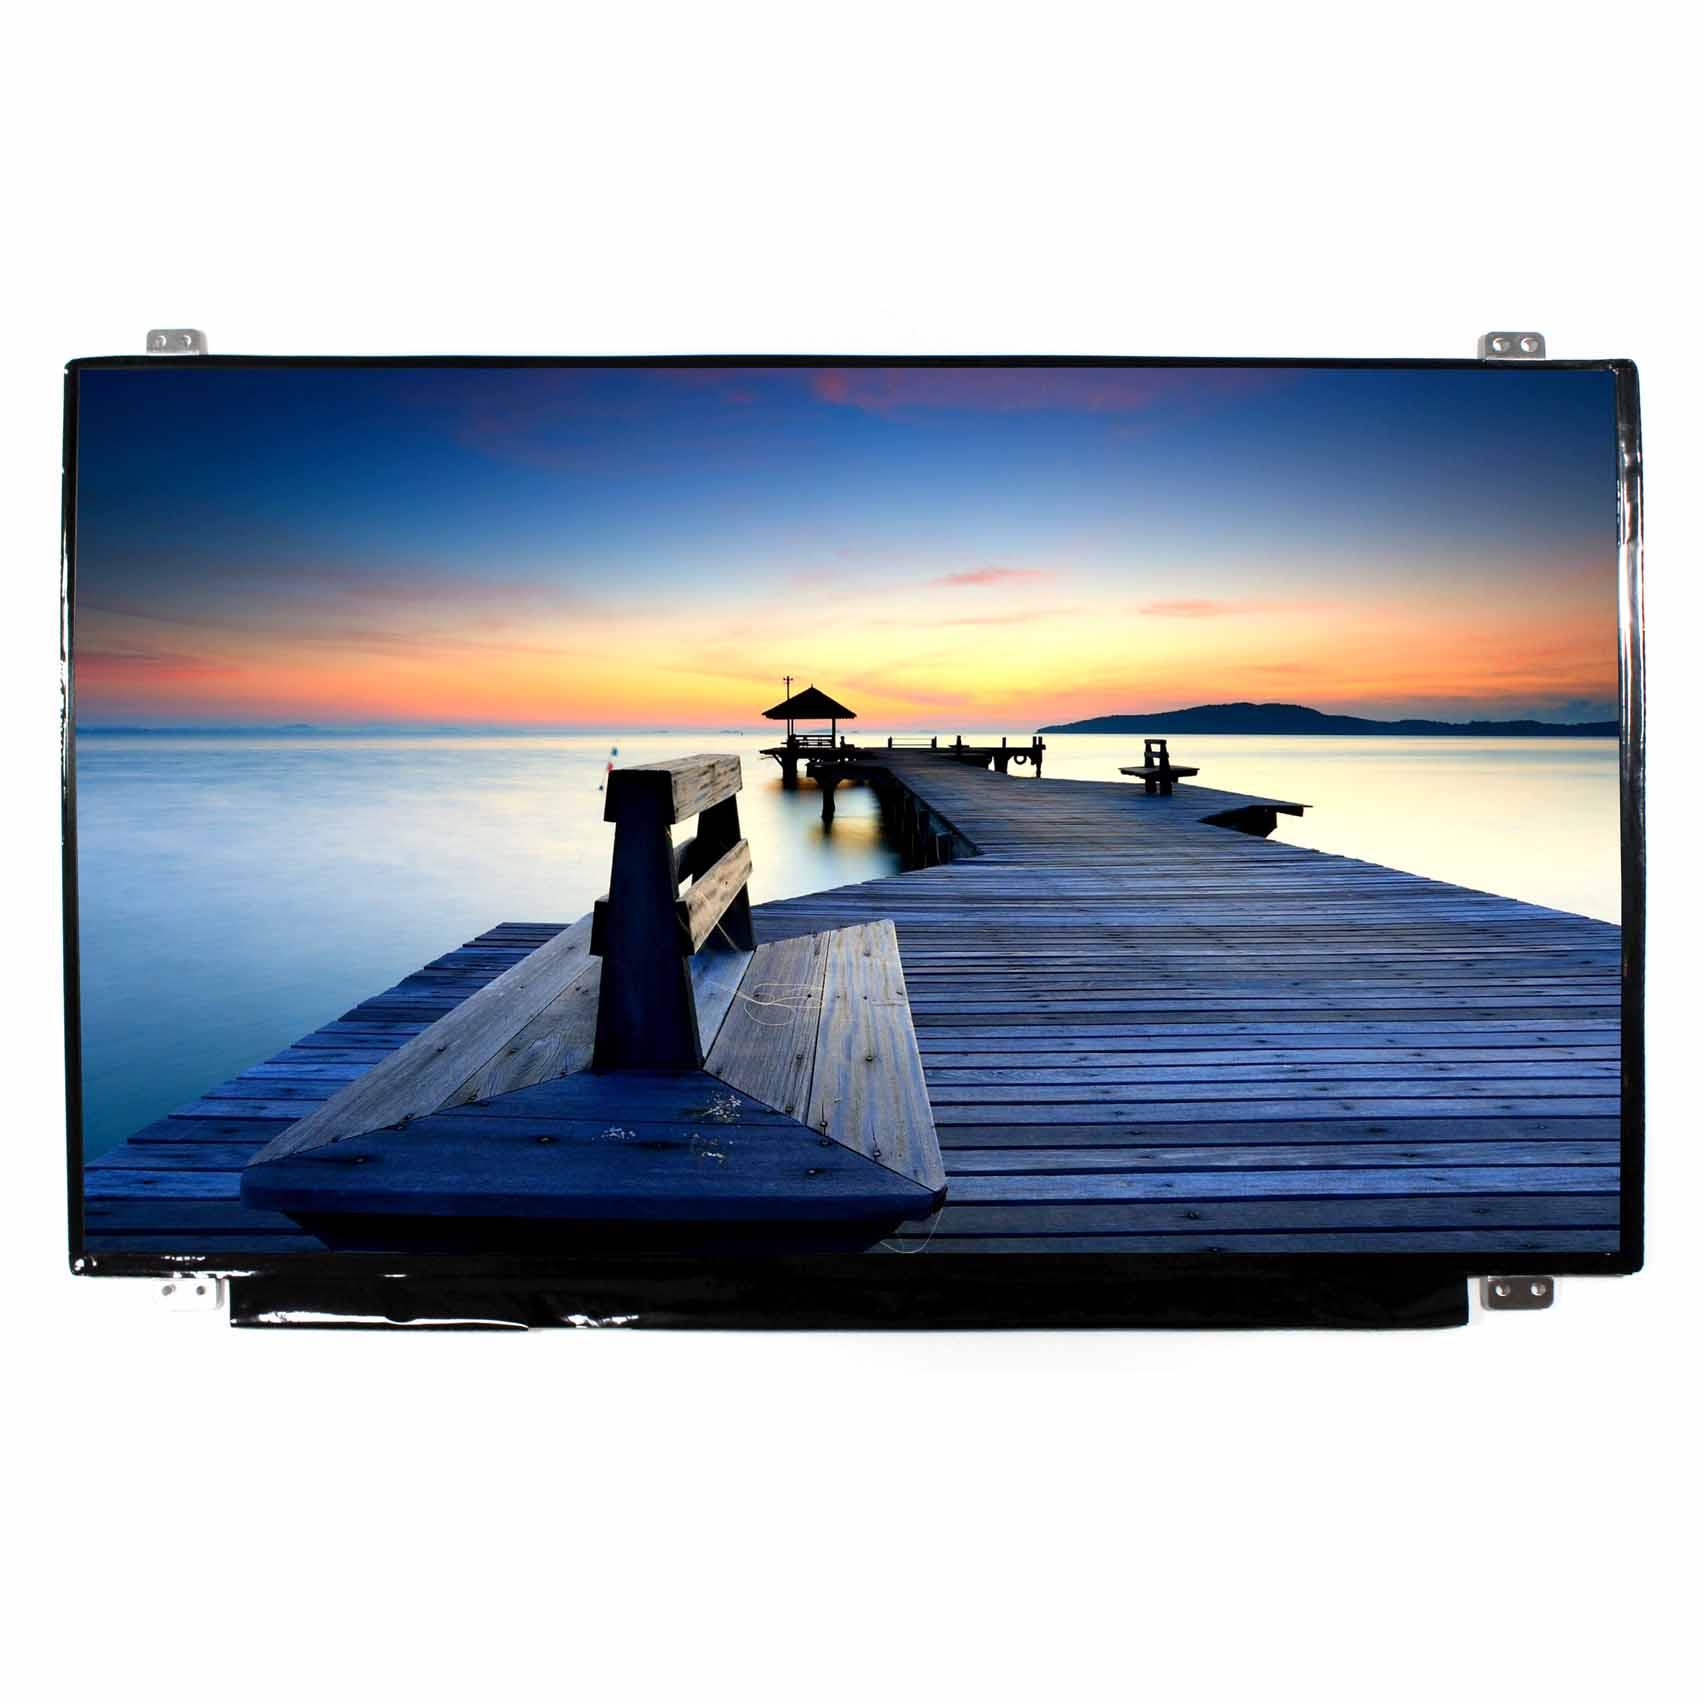 15.6 Schermo LCD B156HAN01.2 1920X1080 FHD Display 30Pin eDP Pannello LCD15.6 Schermo LCD B156HAN01.2 1920X1080 FHD Display 30Pin eDP Pannello LCD